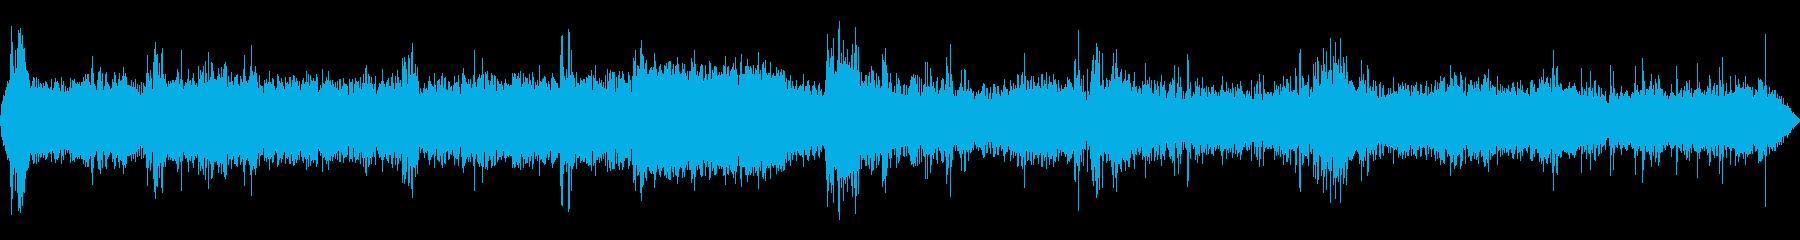 レンジローバーSUV:INT:ラフ...の再生済みの波形